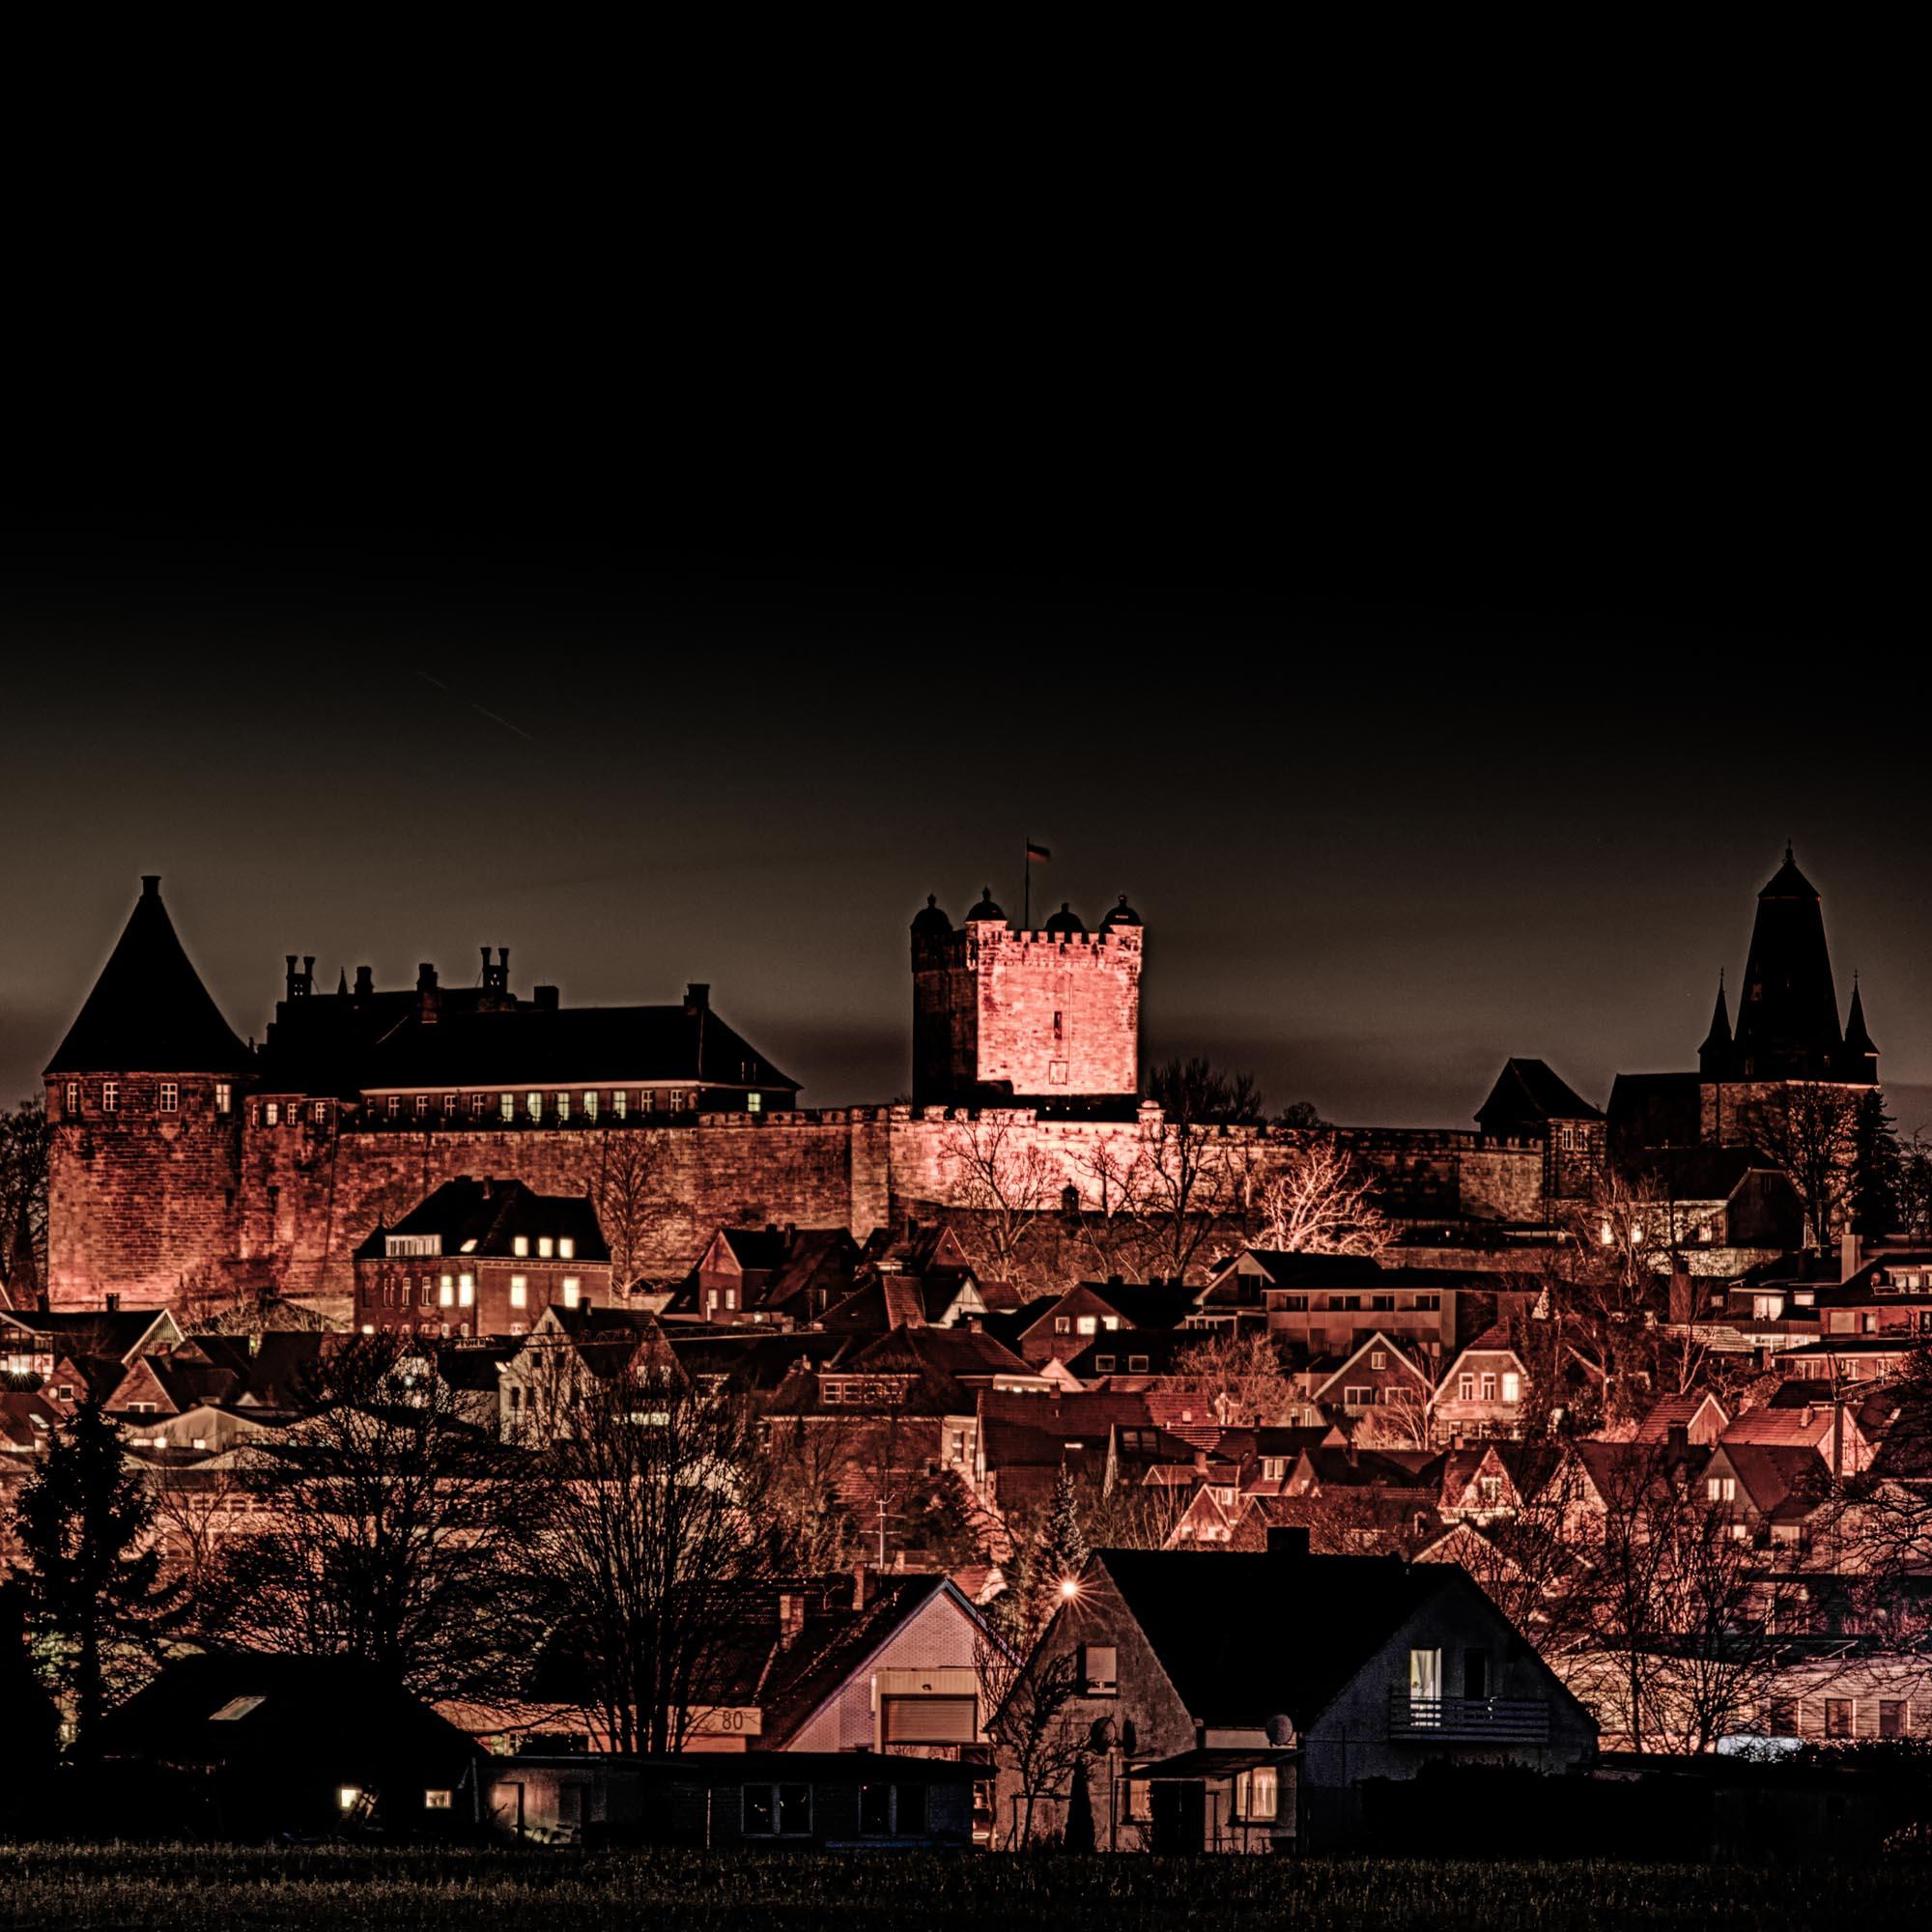 Die nächtliche Burg Bentheim